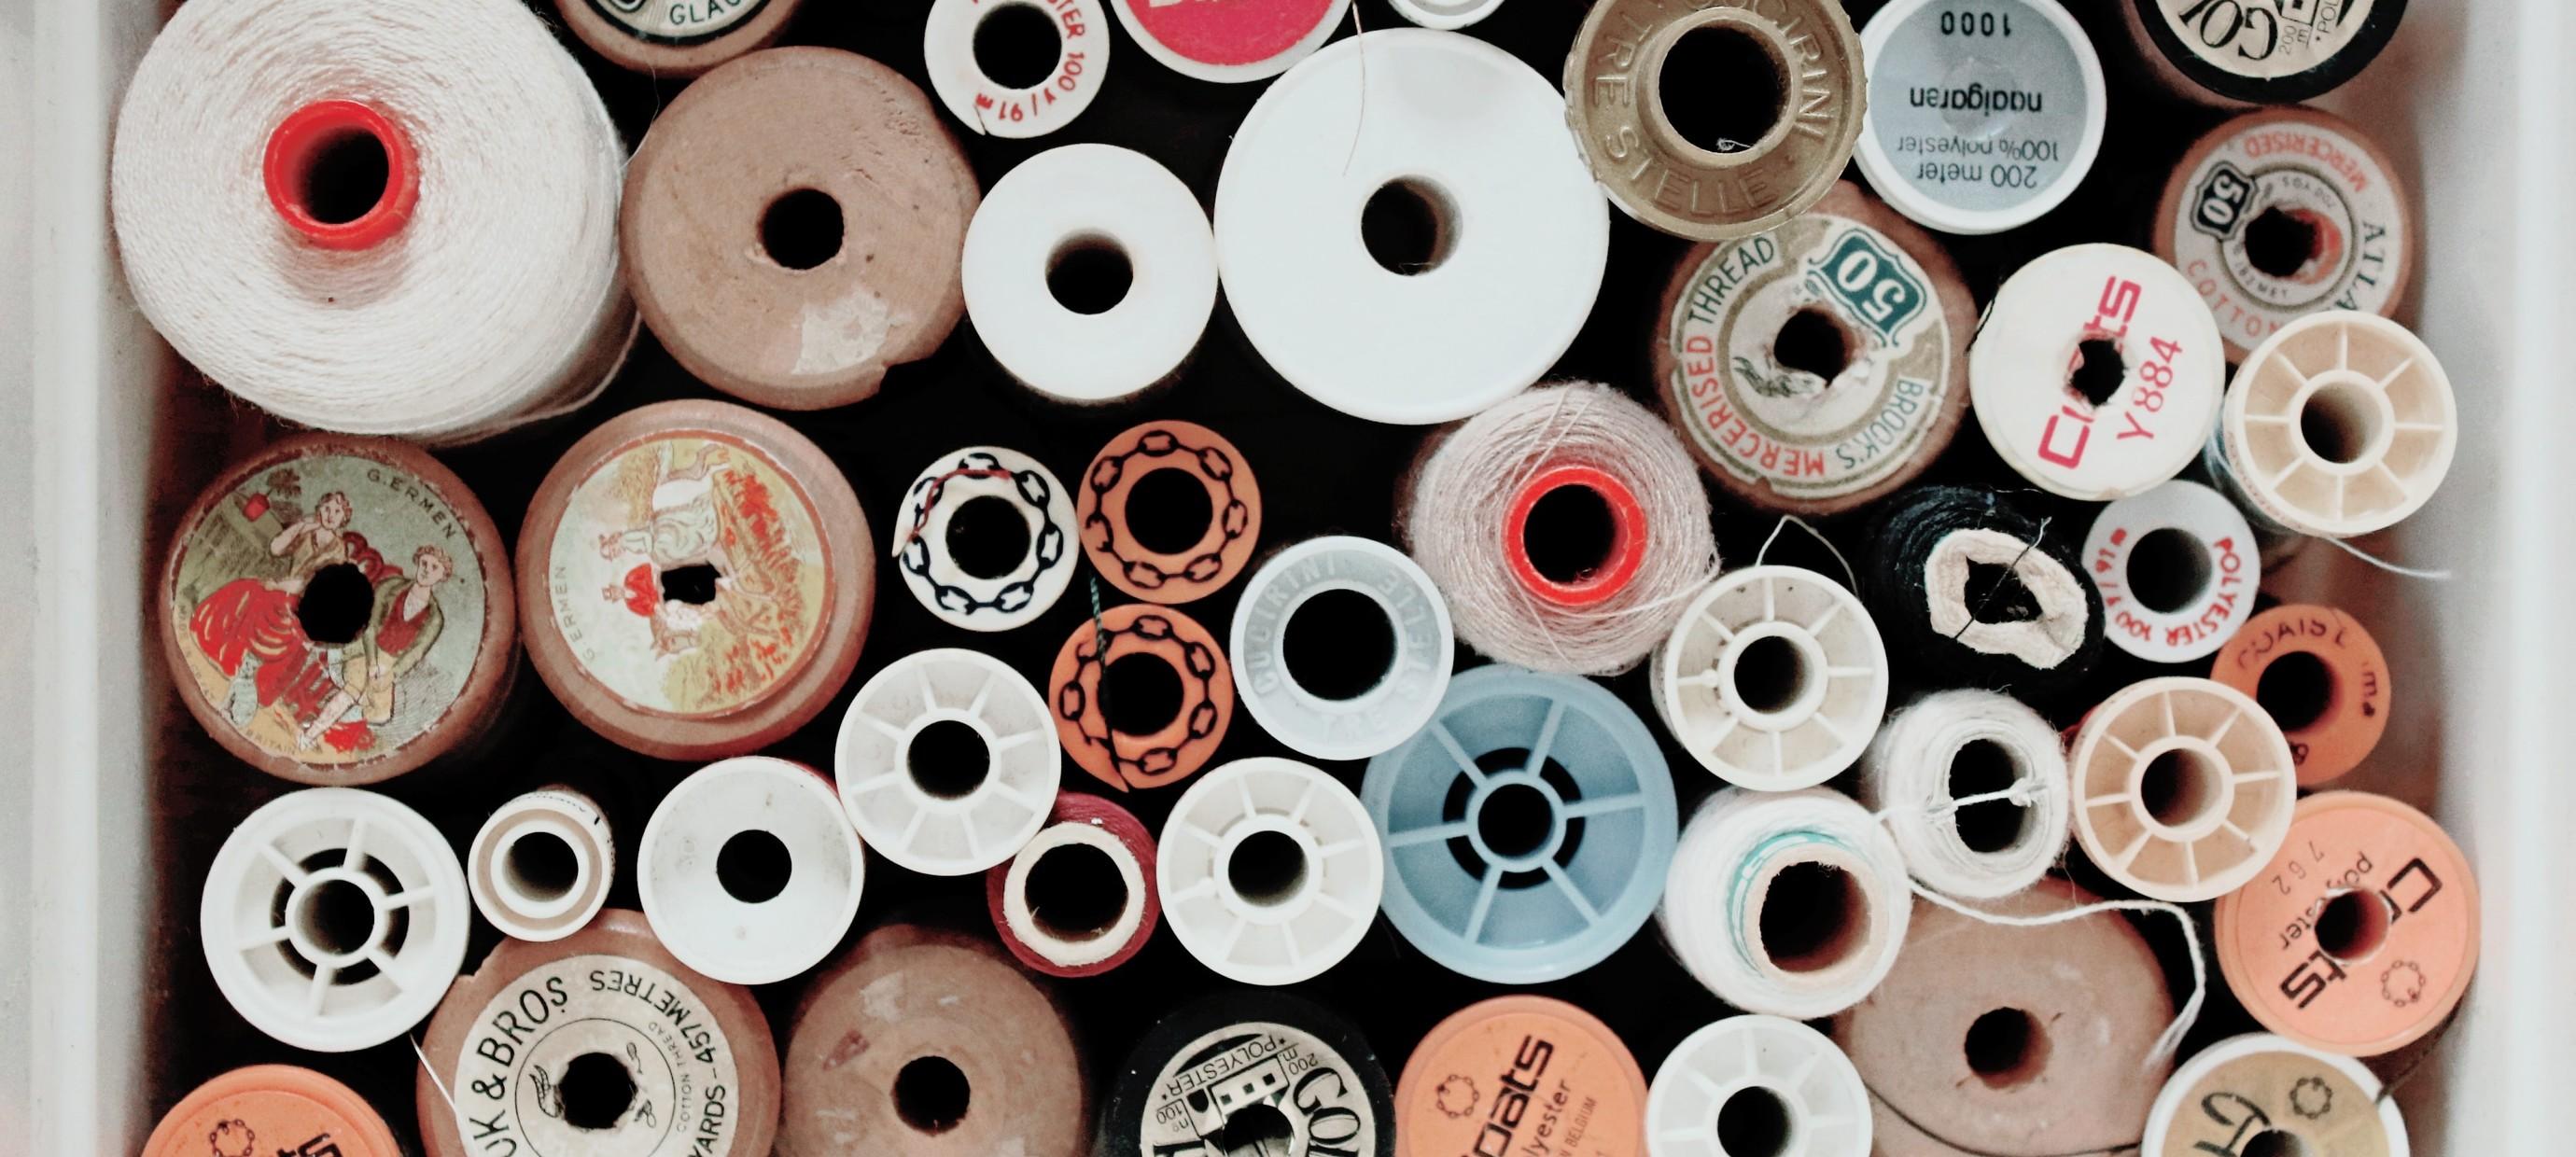 Duurzame kleding keurmerken: zo doet Five Foot Two het